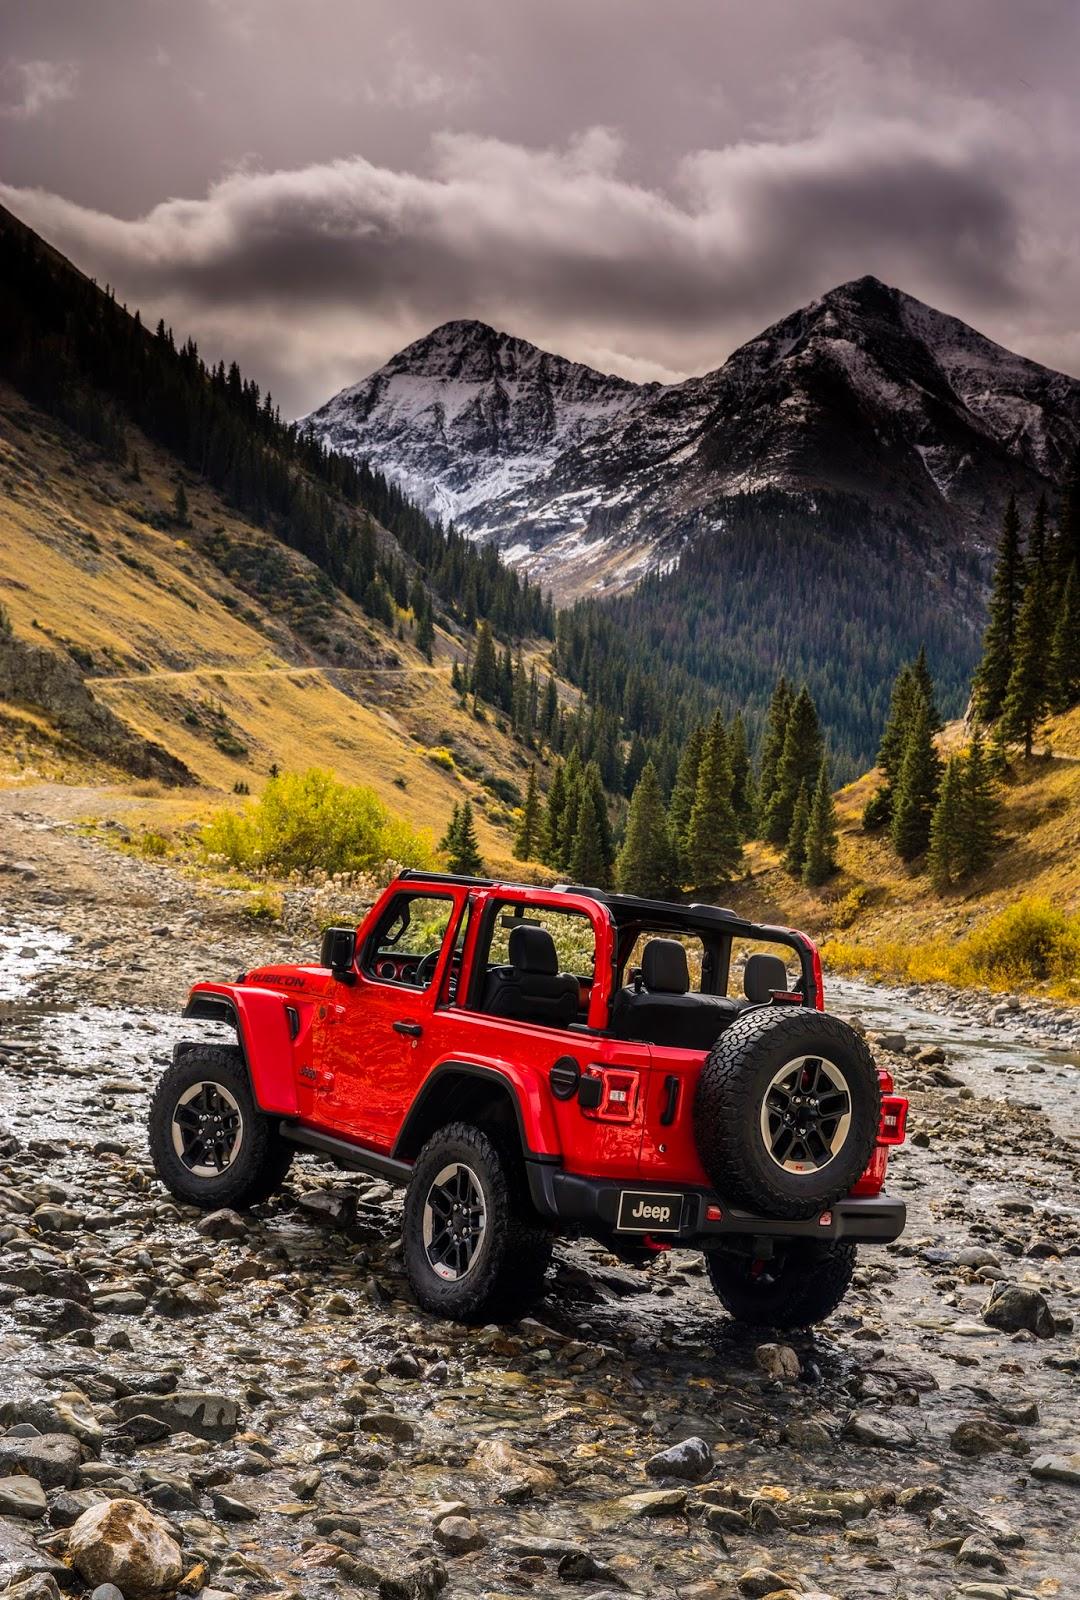 100 Hot Cars 187 Jeep Wrangler